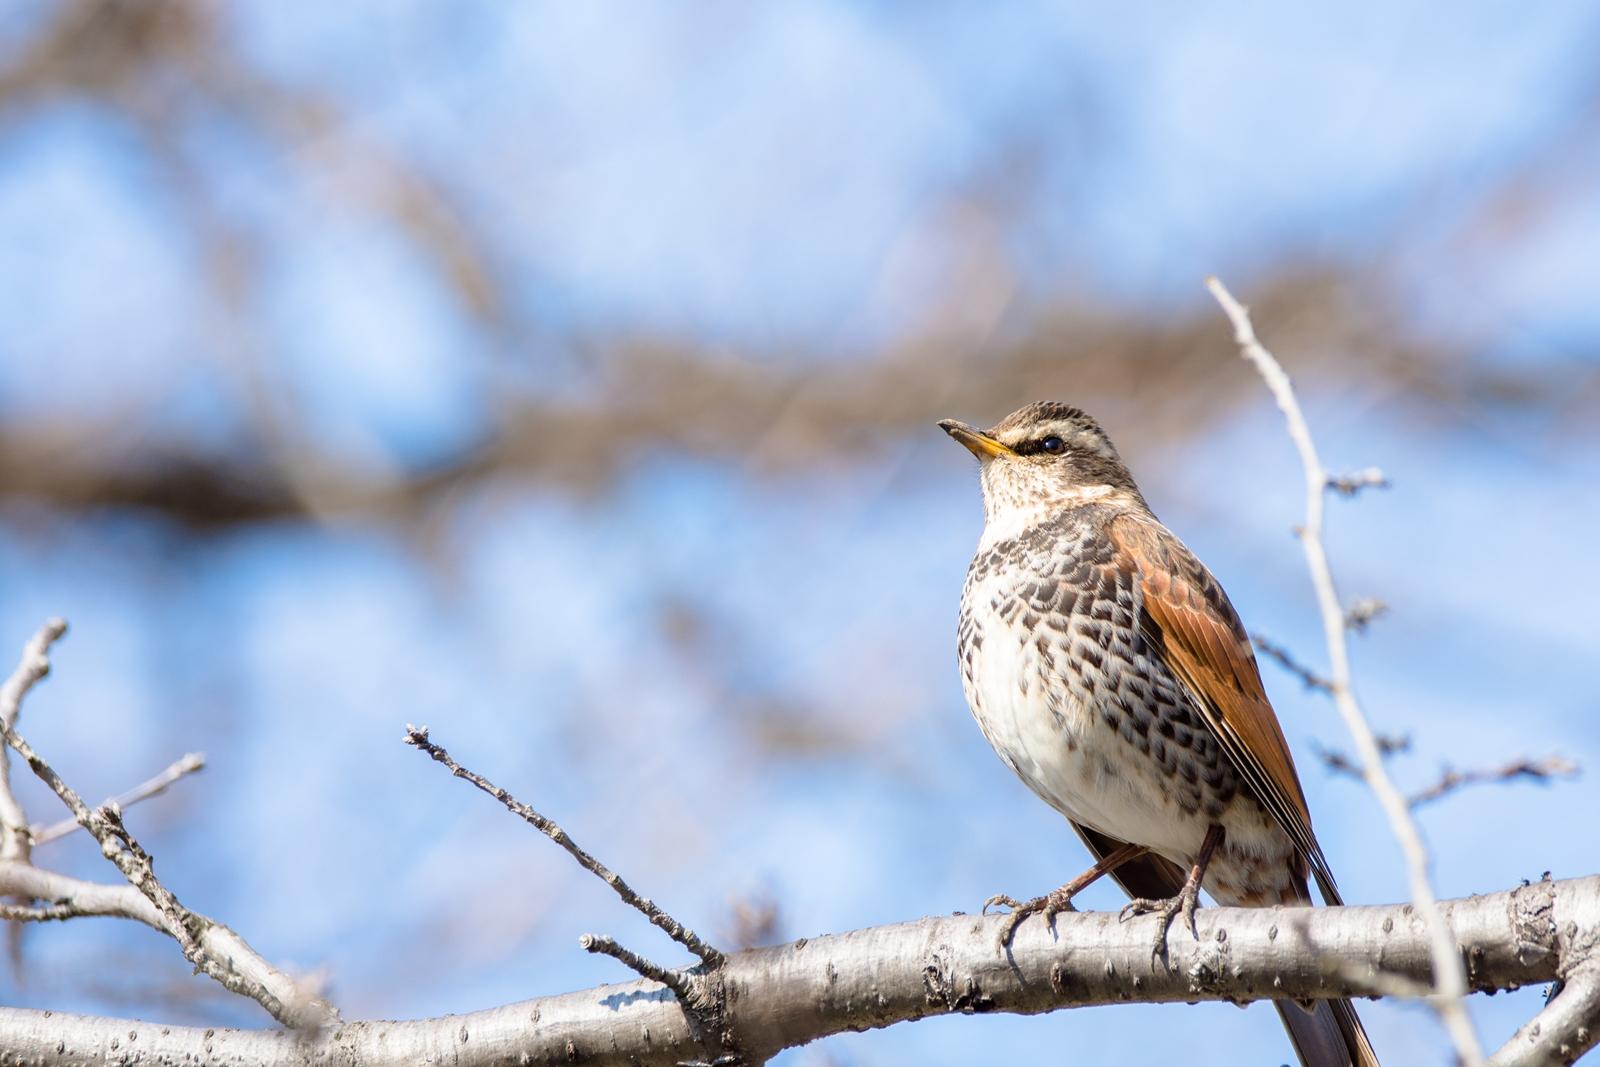 Photo: 「その先に」 / Ahead of there.  想い描く この先にあるもの きっと穏やかな未来 つぶらな瞳に希望が浮かぶ  Dusky thrush. (ツグミ)  Nikon D7200 SIGMA 150-600mm F5-6.3 DG OS HSM Contemporary  #birdphotography #birds #kawaii #小鳥 #nikon #sigma #小鳥グラファー  ( http://takafumiooshio.com/archives/1105 )